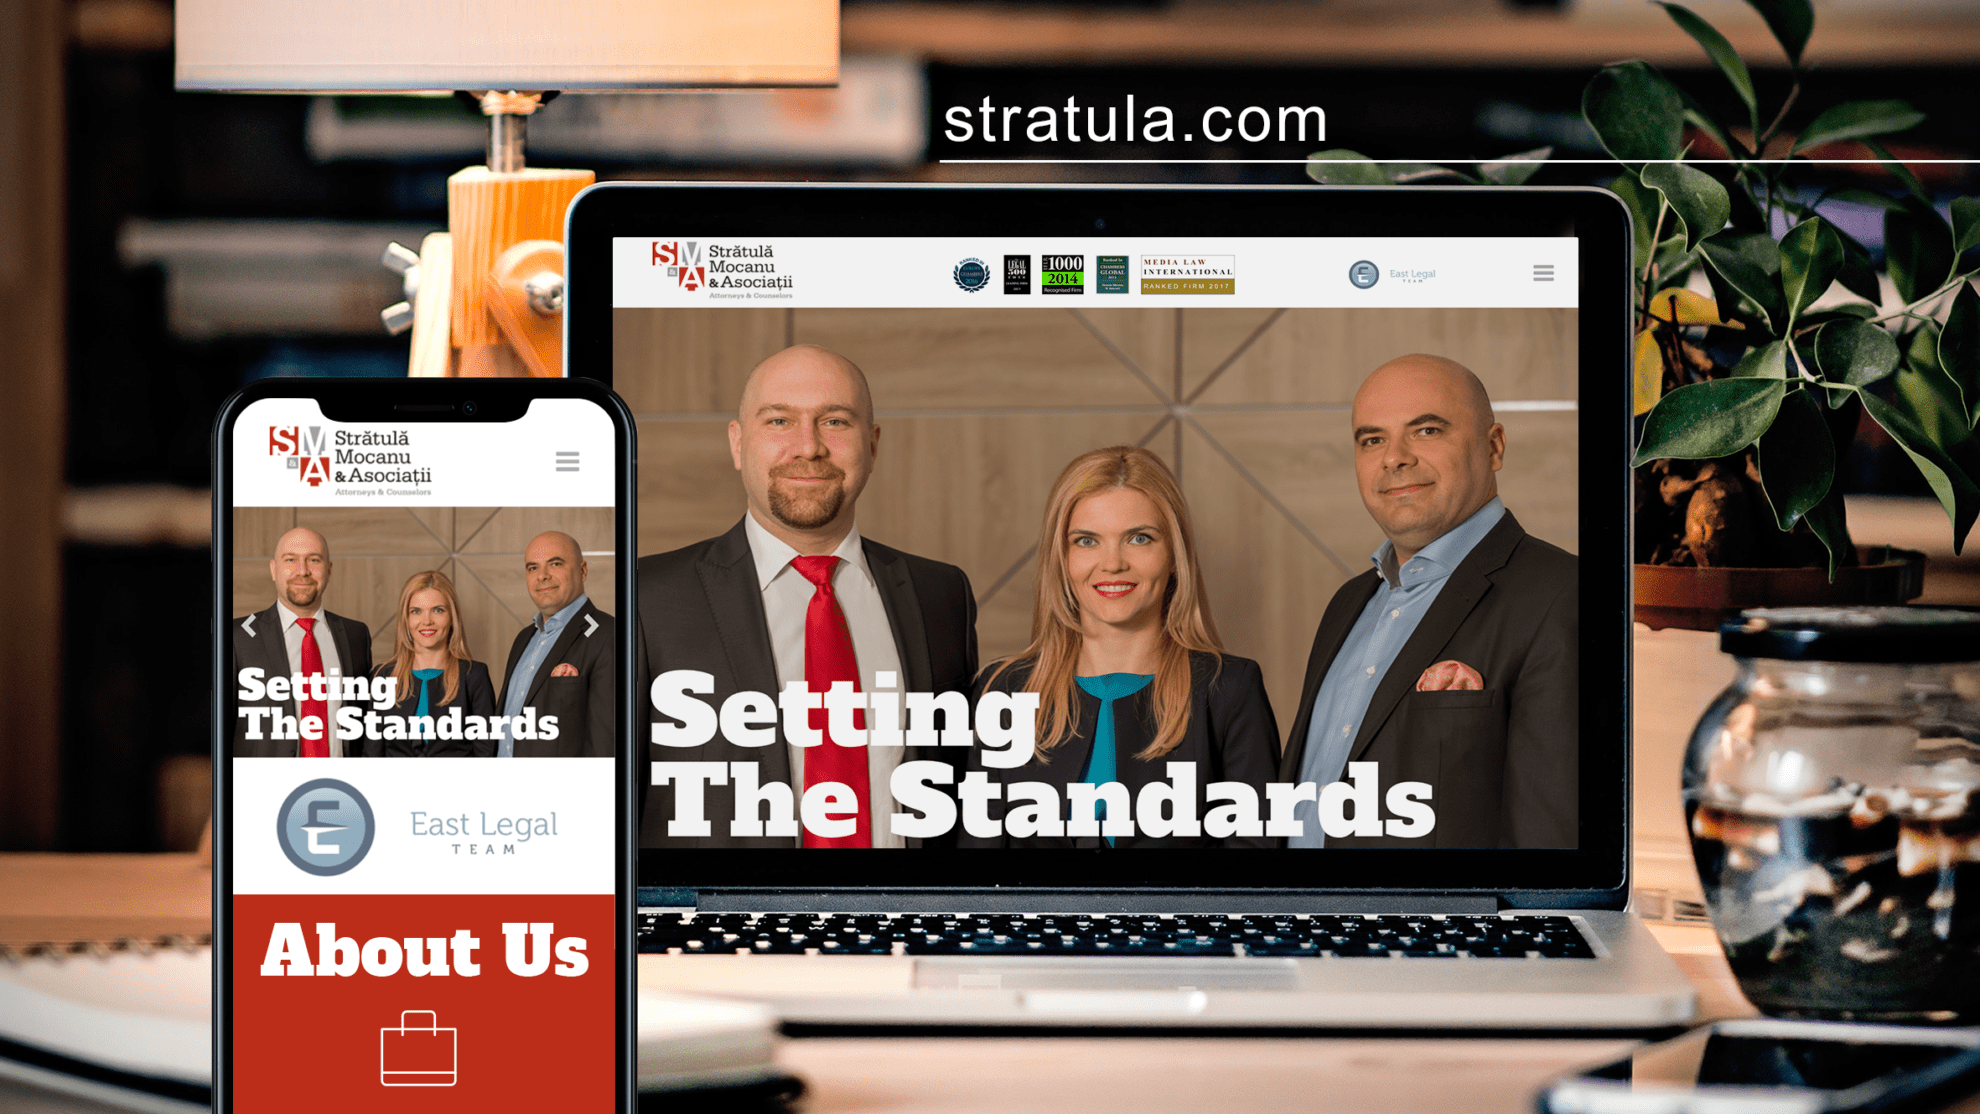 Stratula & Associates website renewal